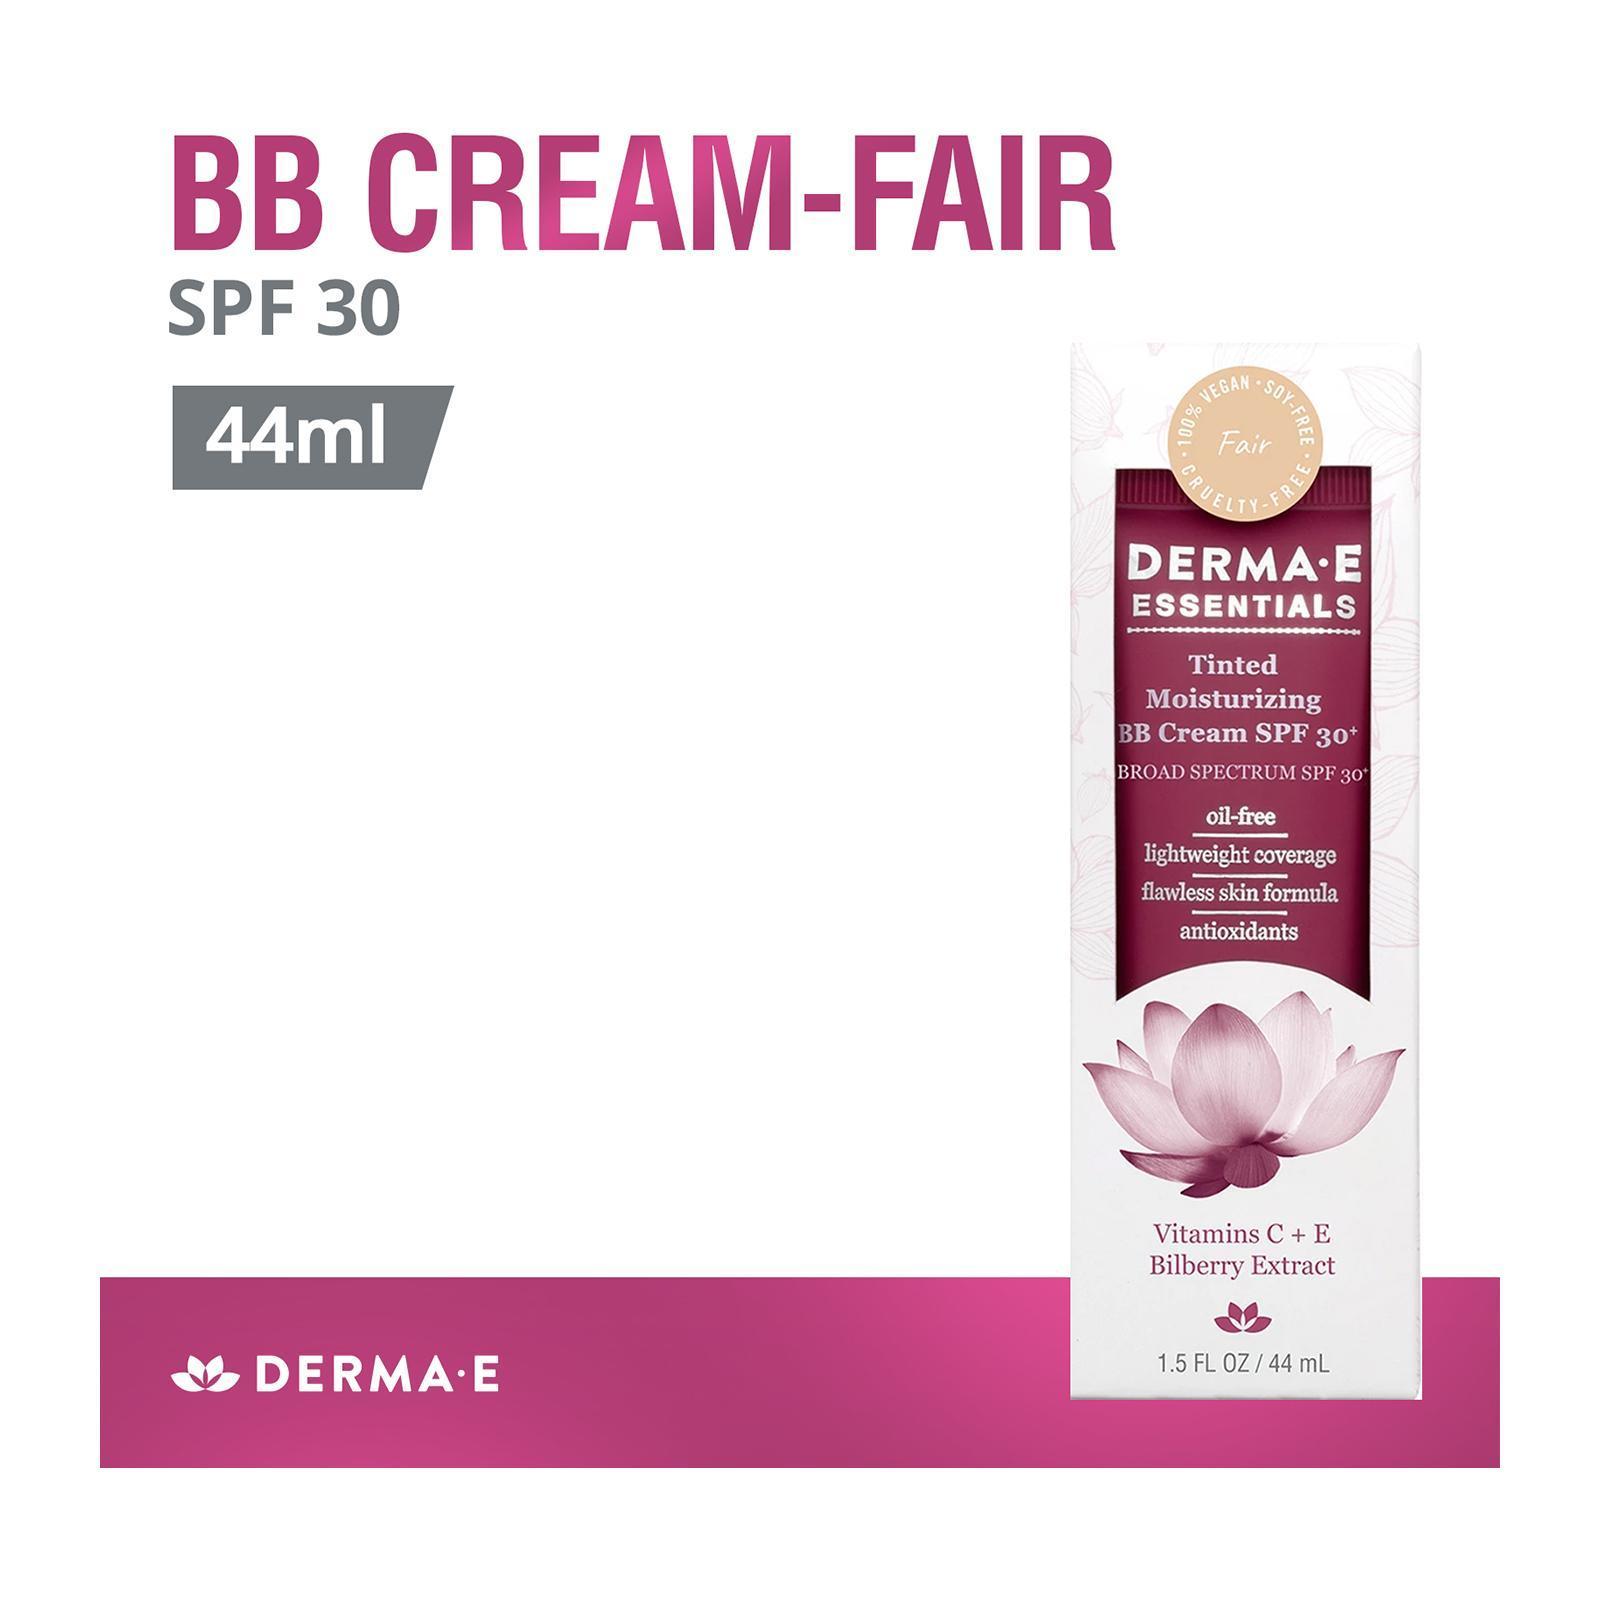 Derma E Fair-Tinted Moisturizing BB Cream SPF 30+